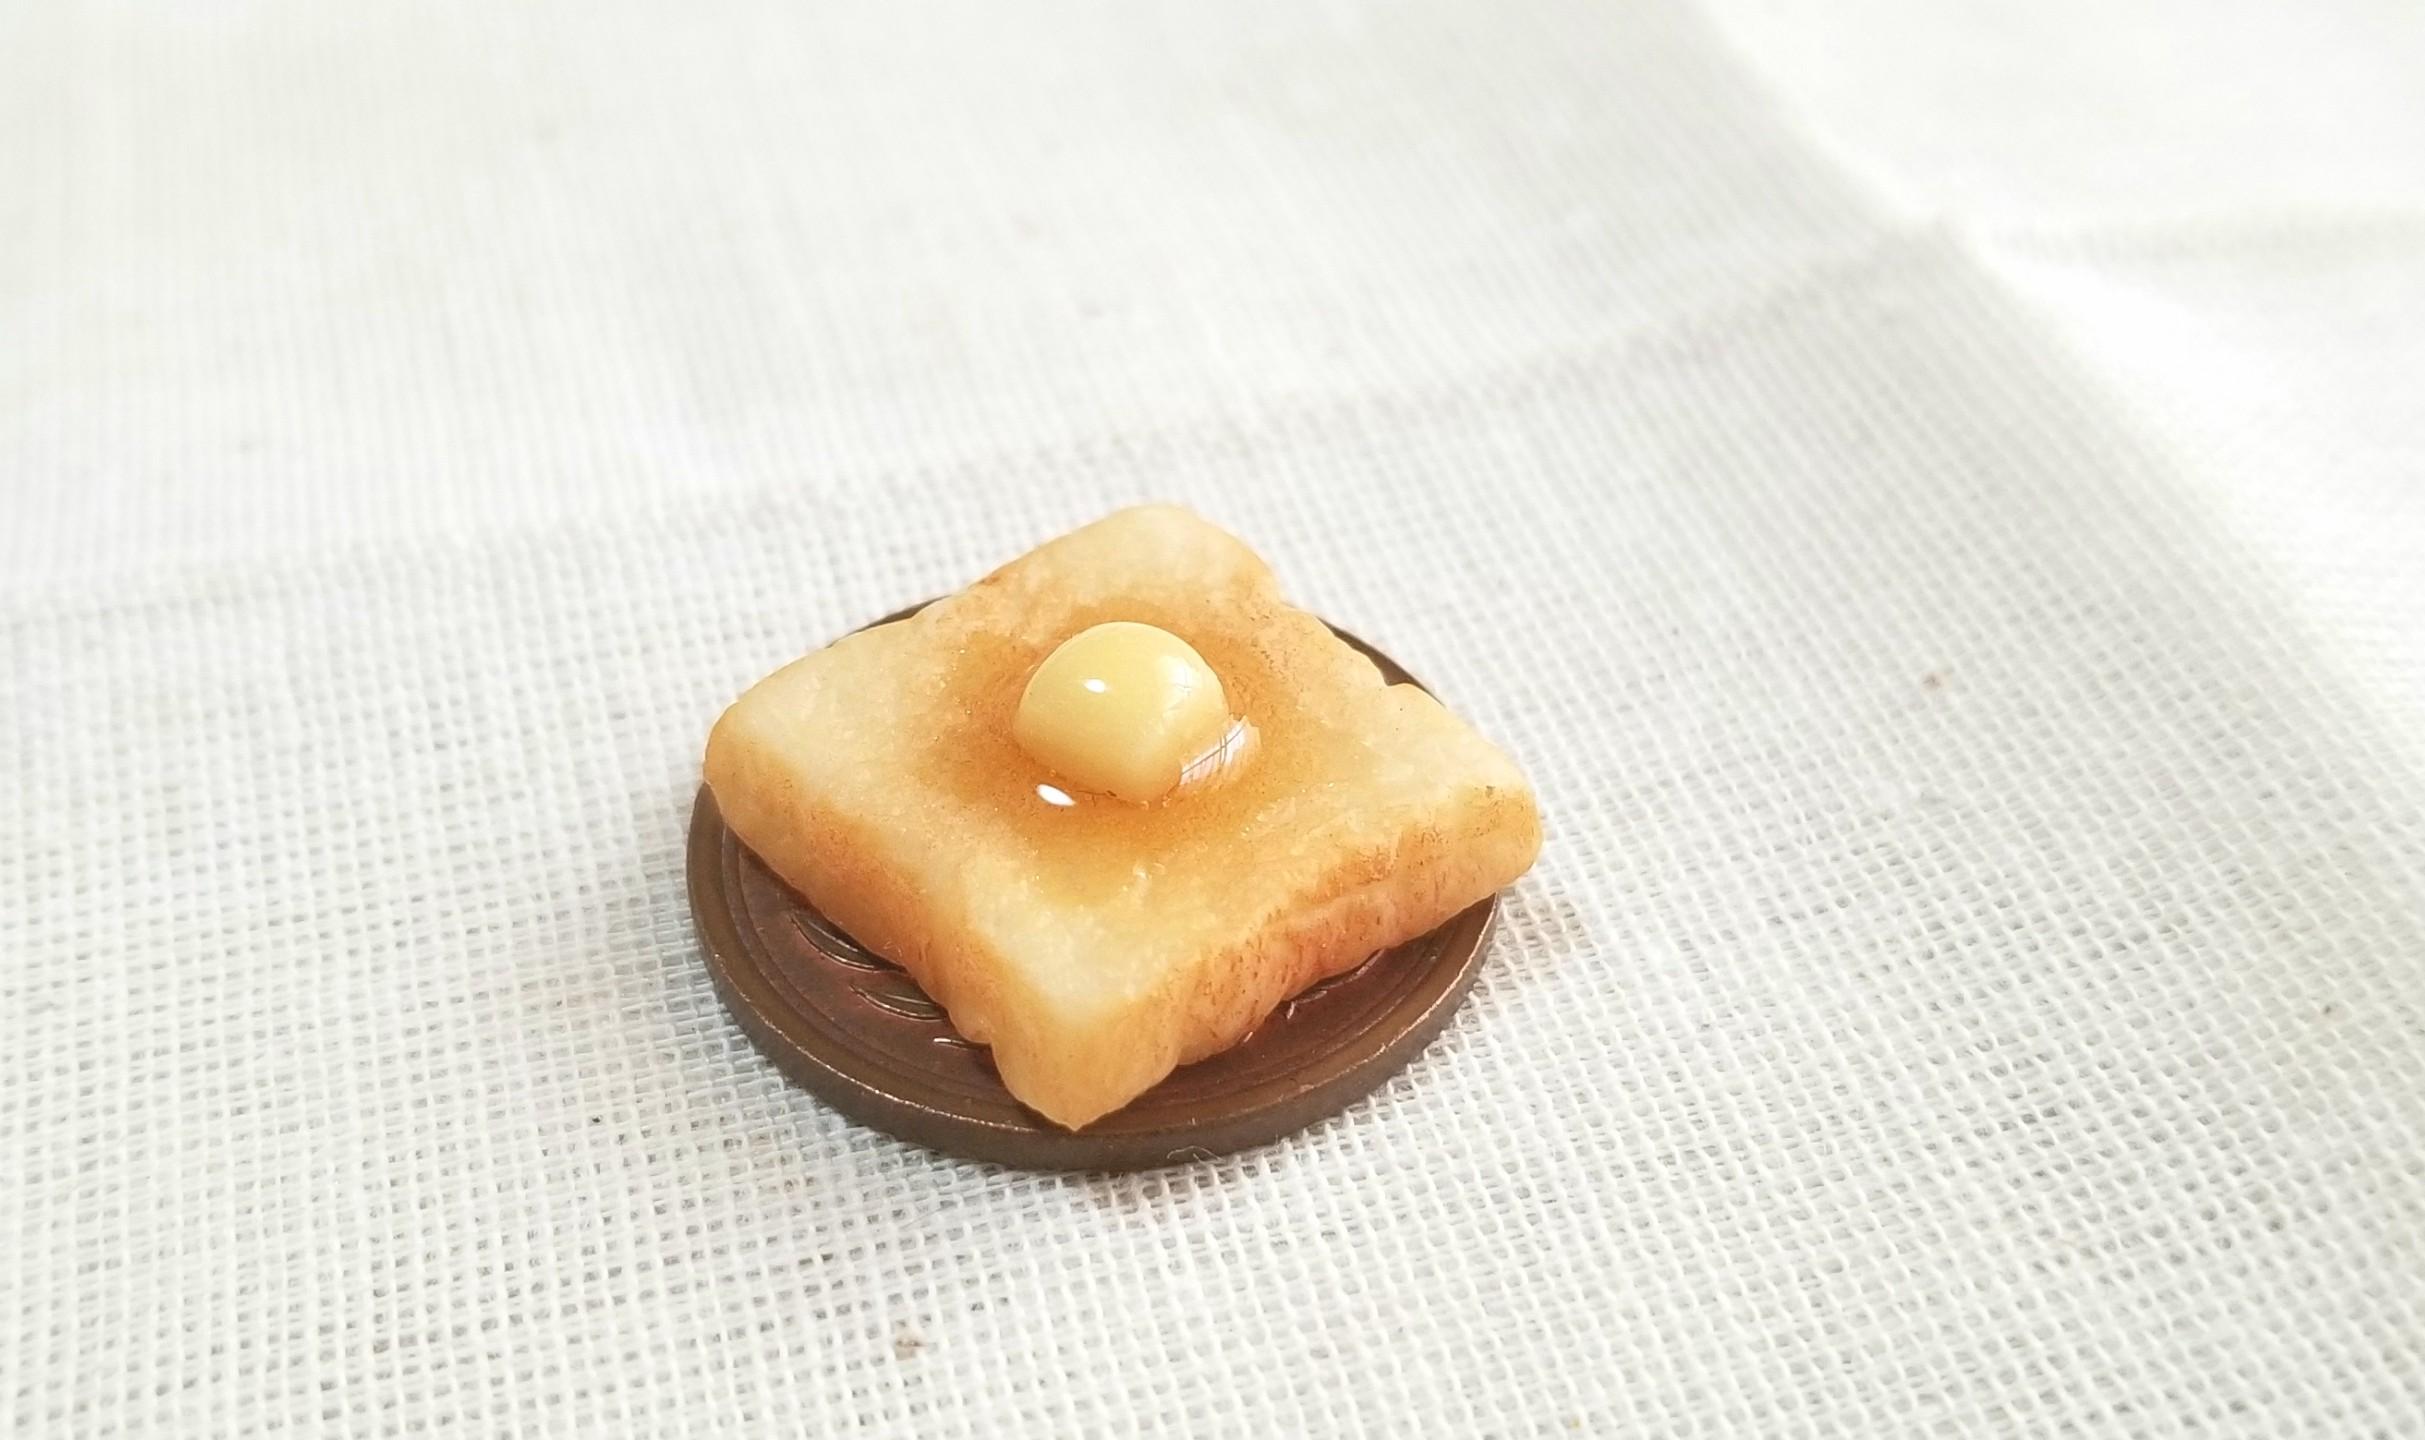 バタートースト,ミニチュアフード,食パン,樹脂粘土,ねんどろいど